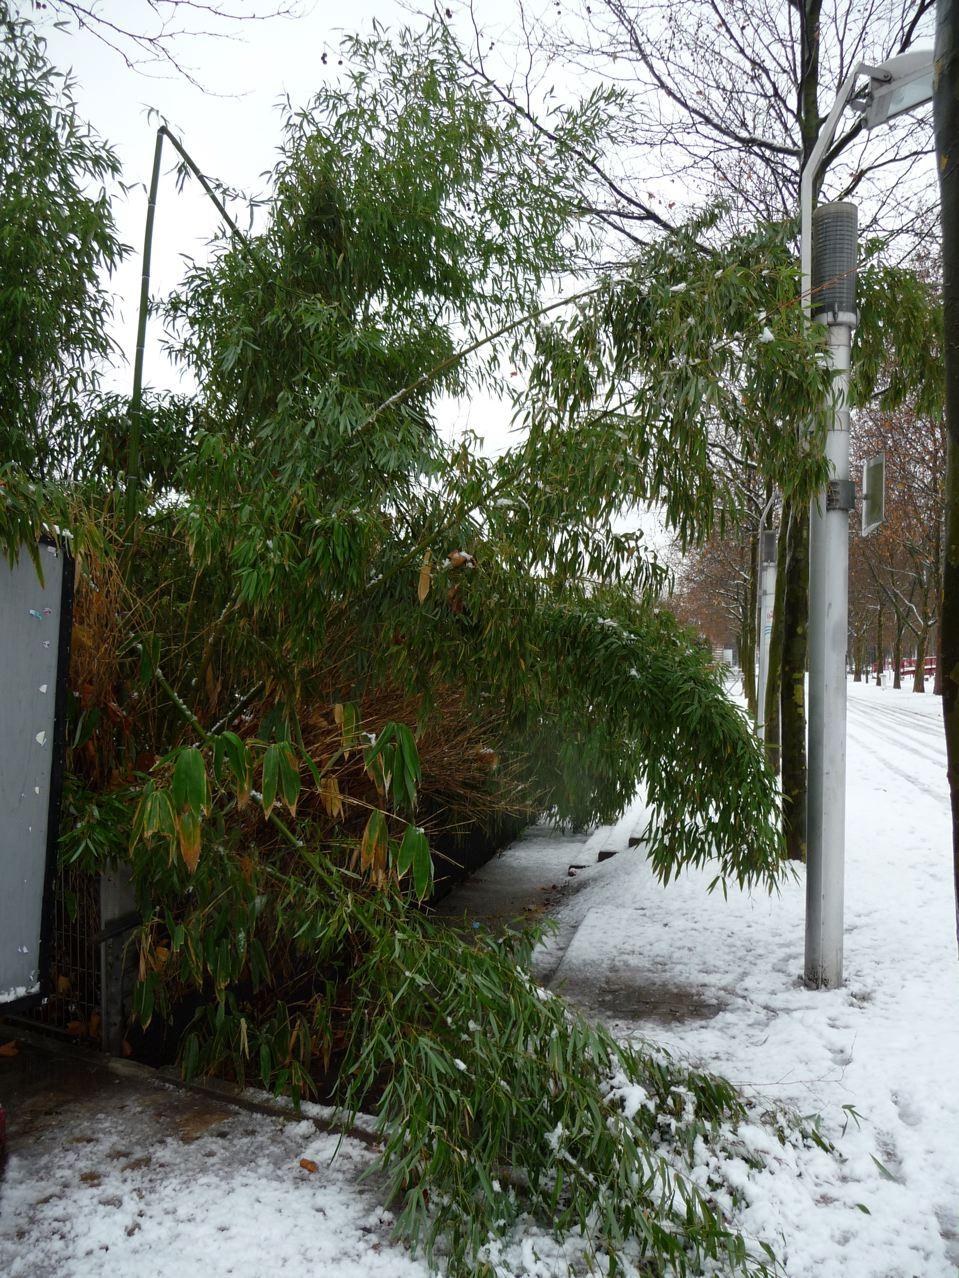 Dégâts dus à la neige sur les bambous